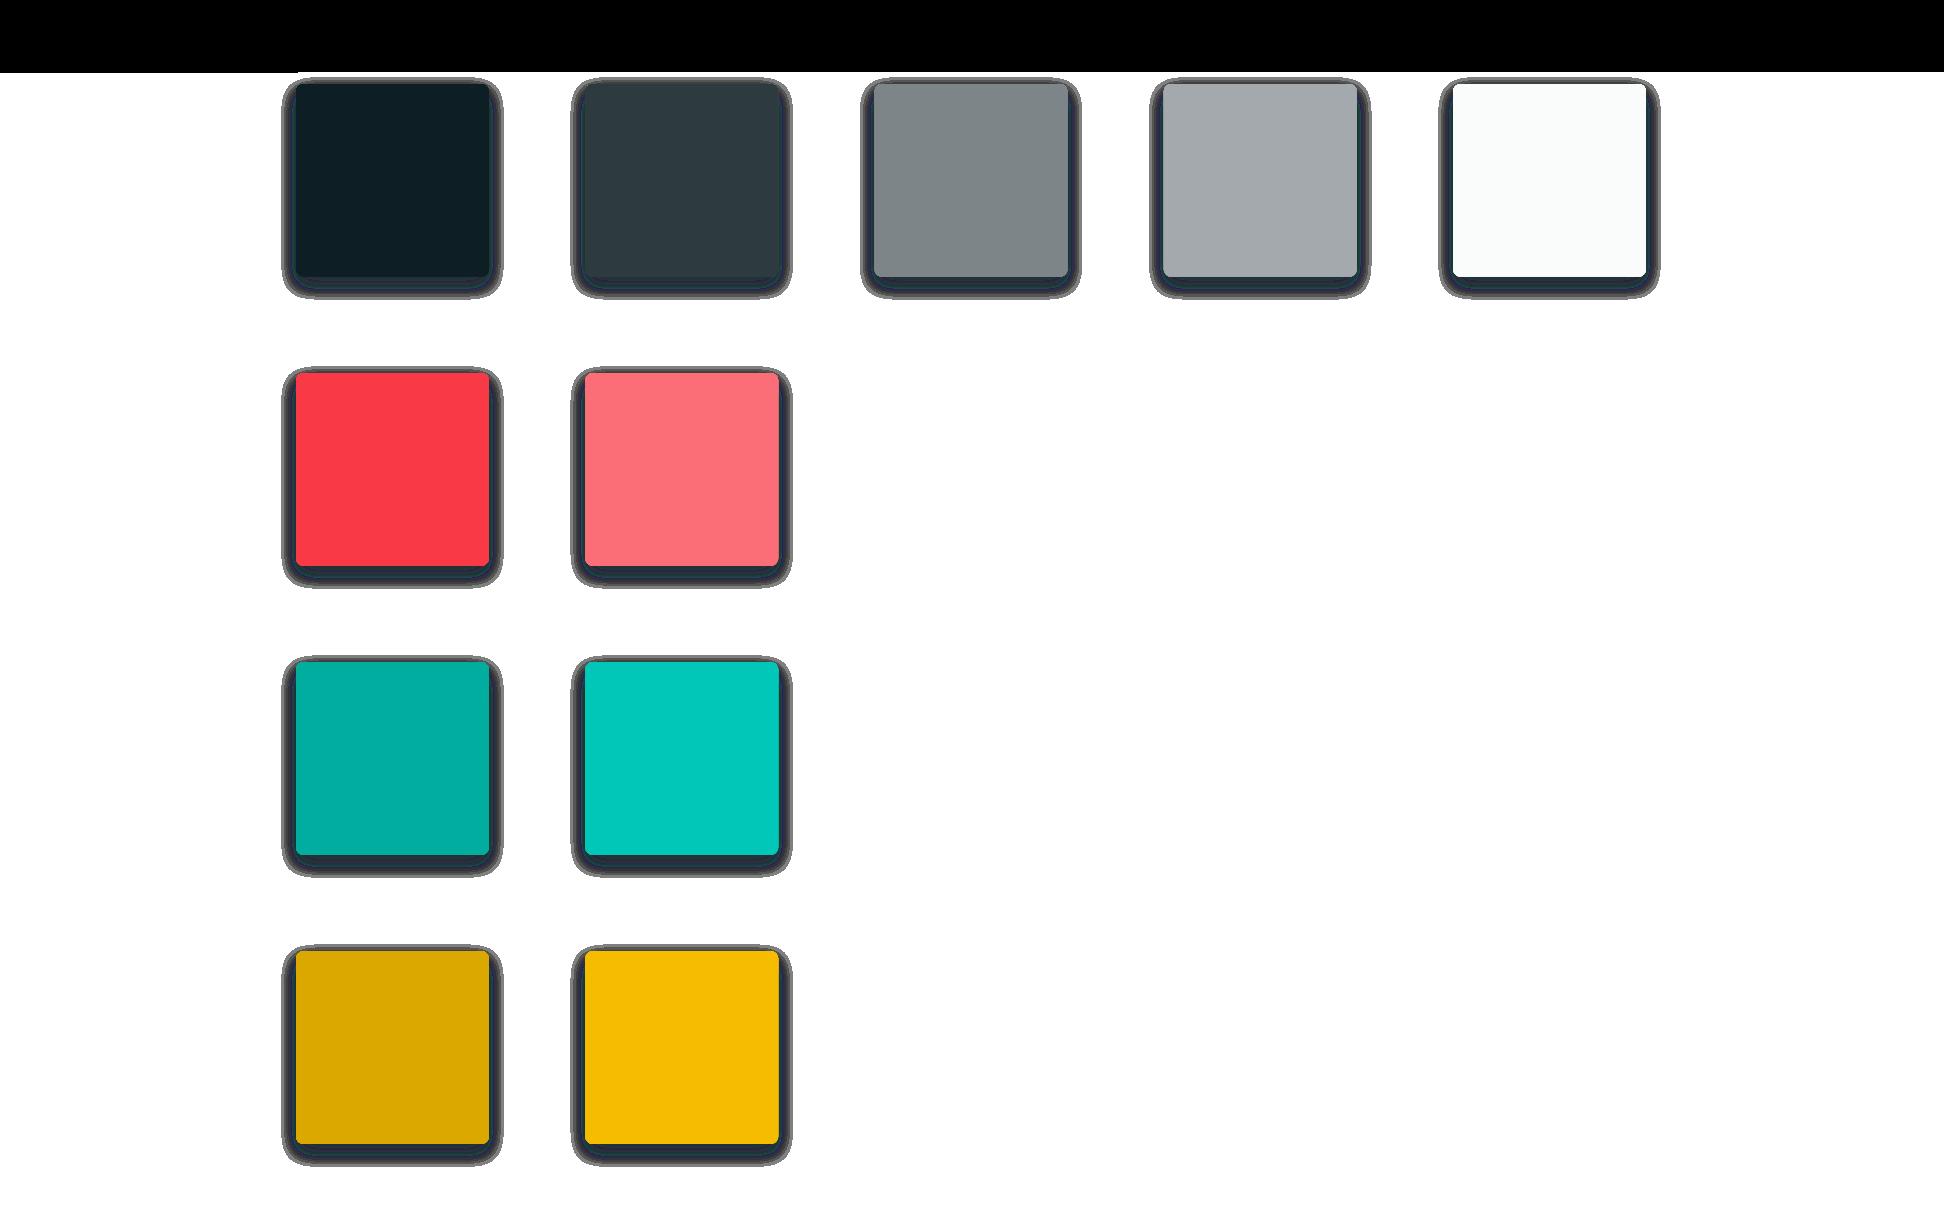 Our final color palette